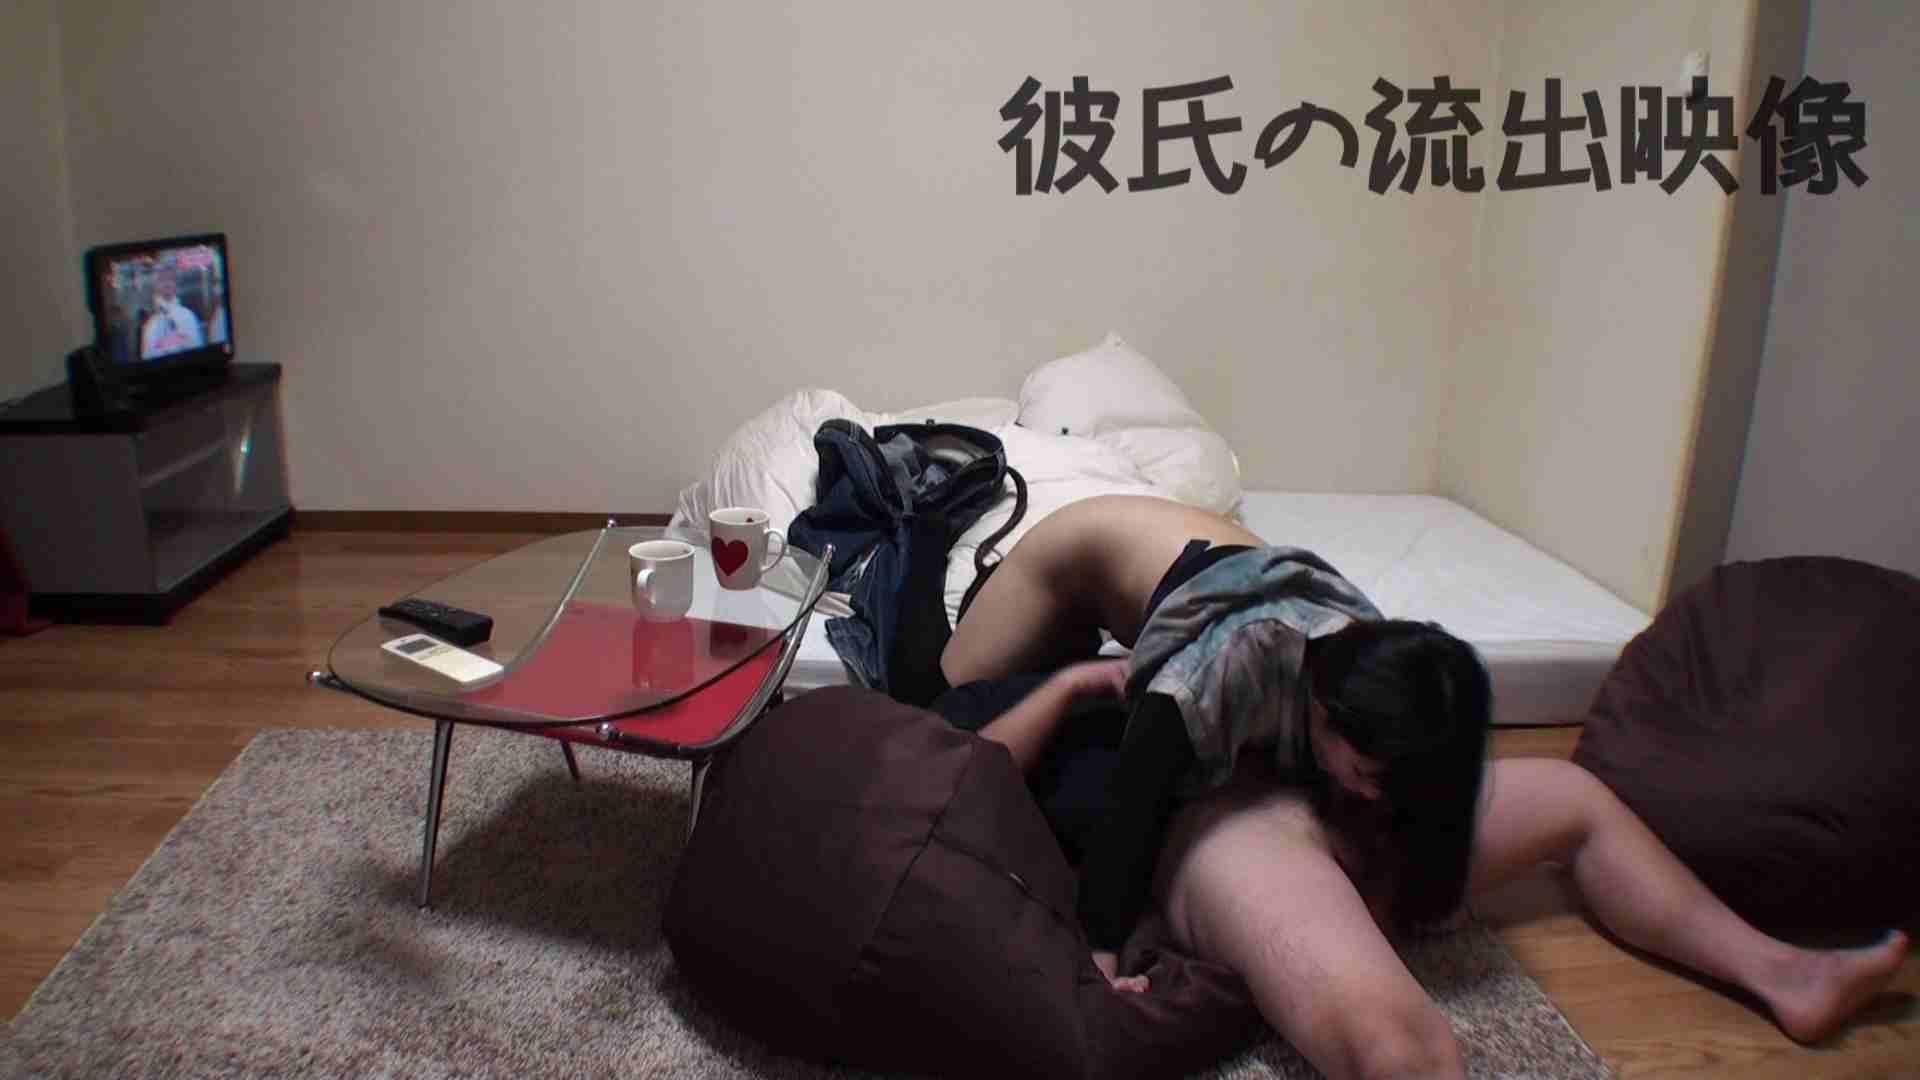 彼氏が流出 パイパン素人嬢のハメ撮り映像02 パイパン娘 | 素人ギャル女  90連発 61